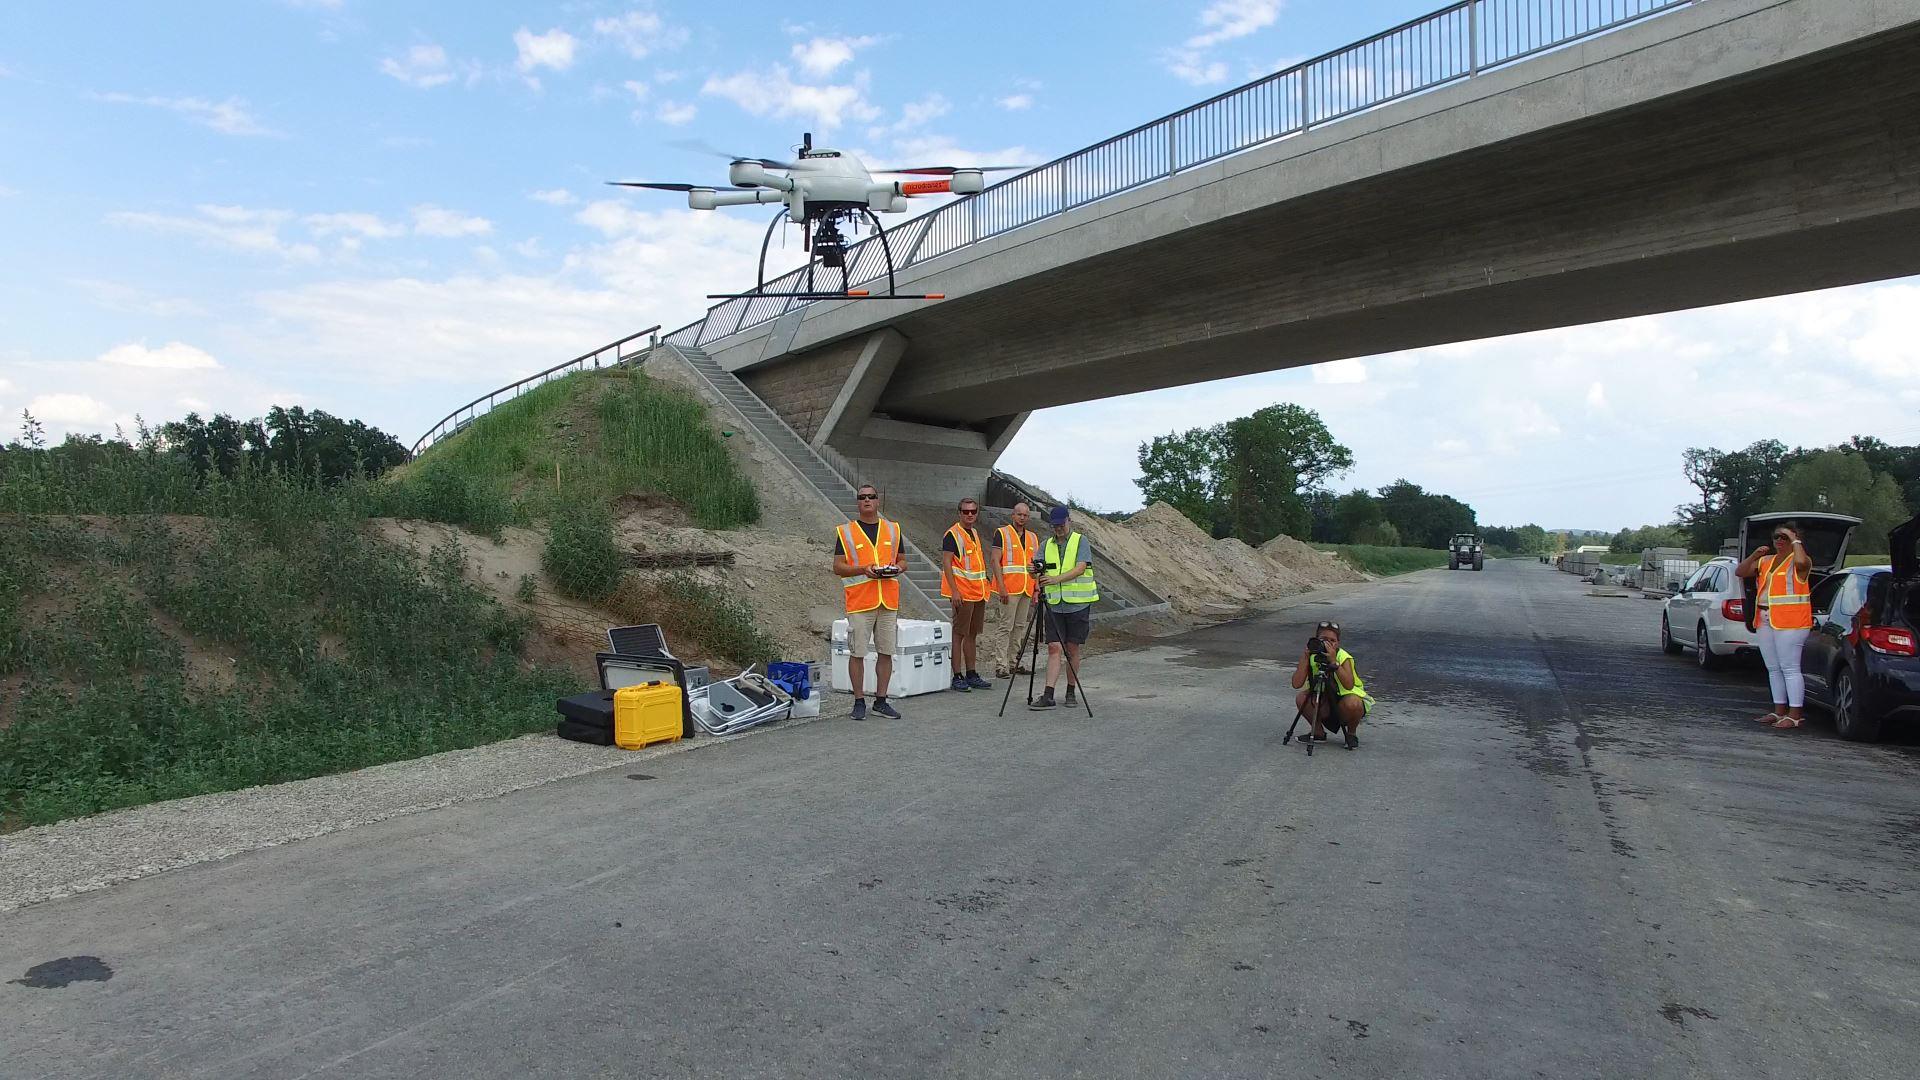 Drohnenaufnahmen für das Unternehmen Microdrones